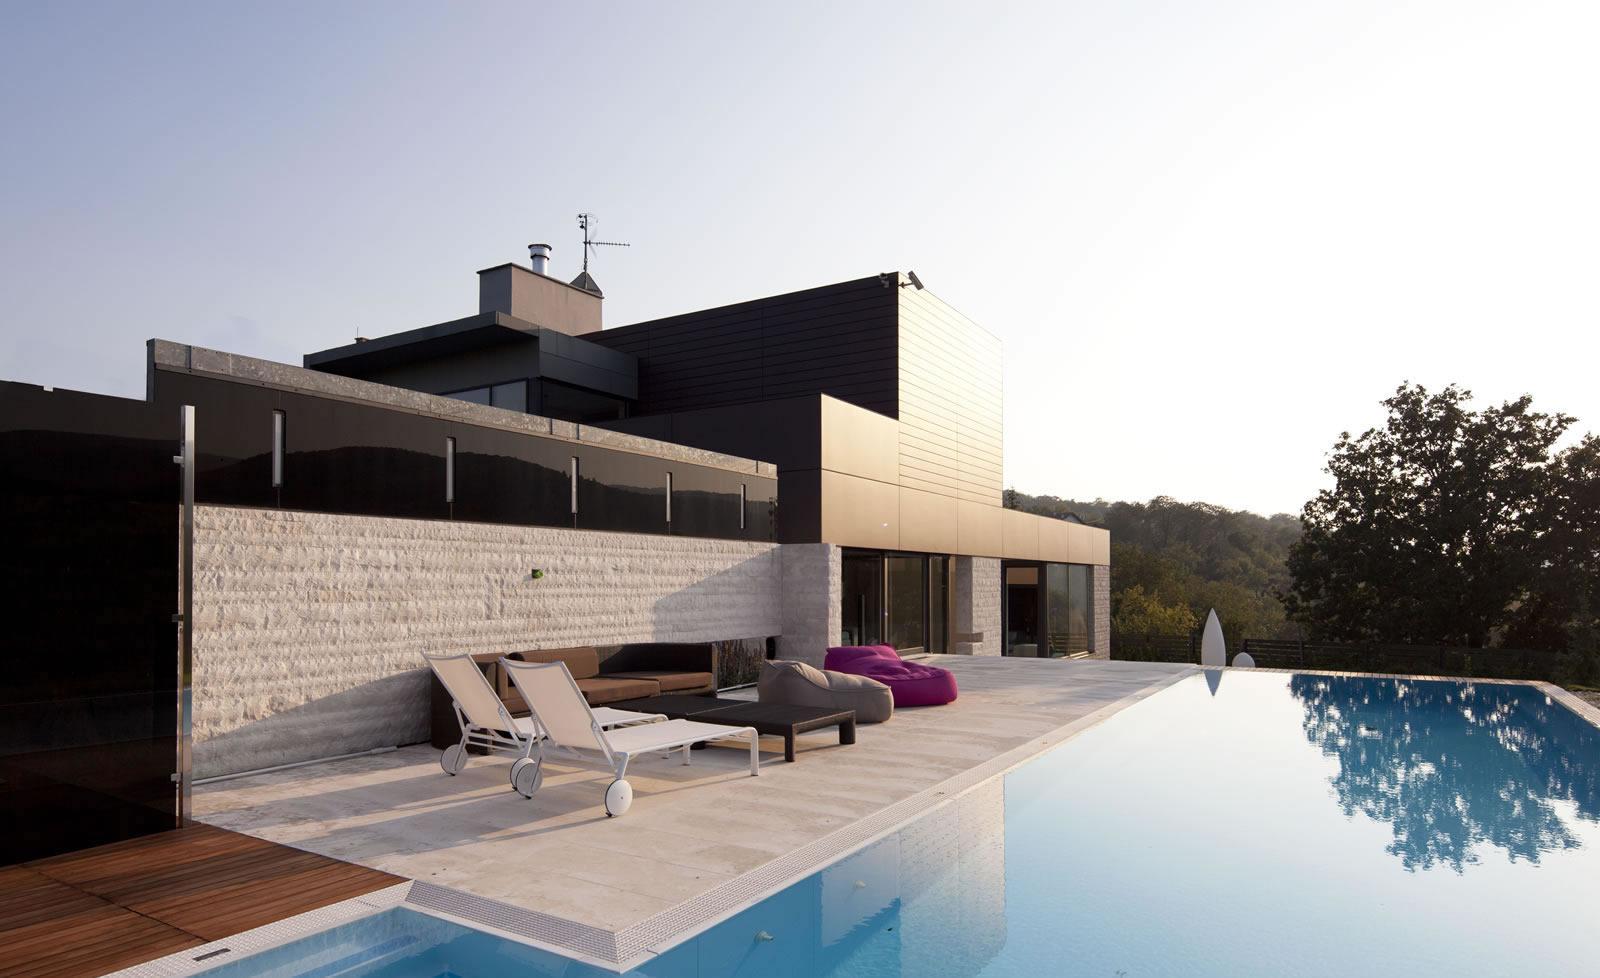 Casas de luxo portugal sotheby 39 s international realty for Interiores de casas de lujo